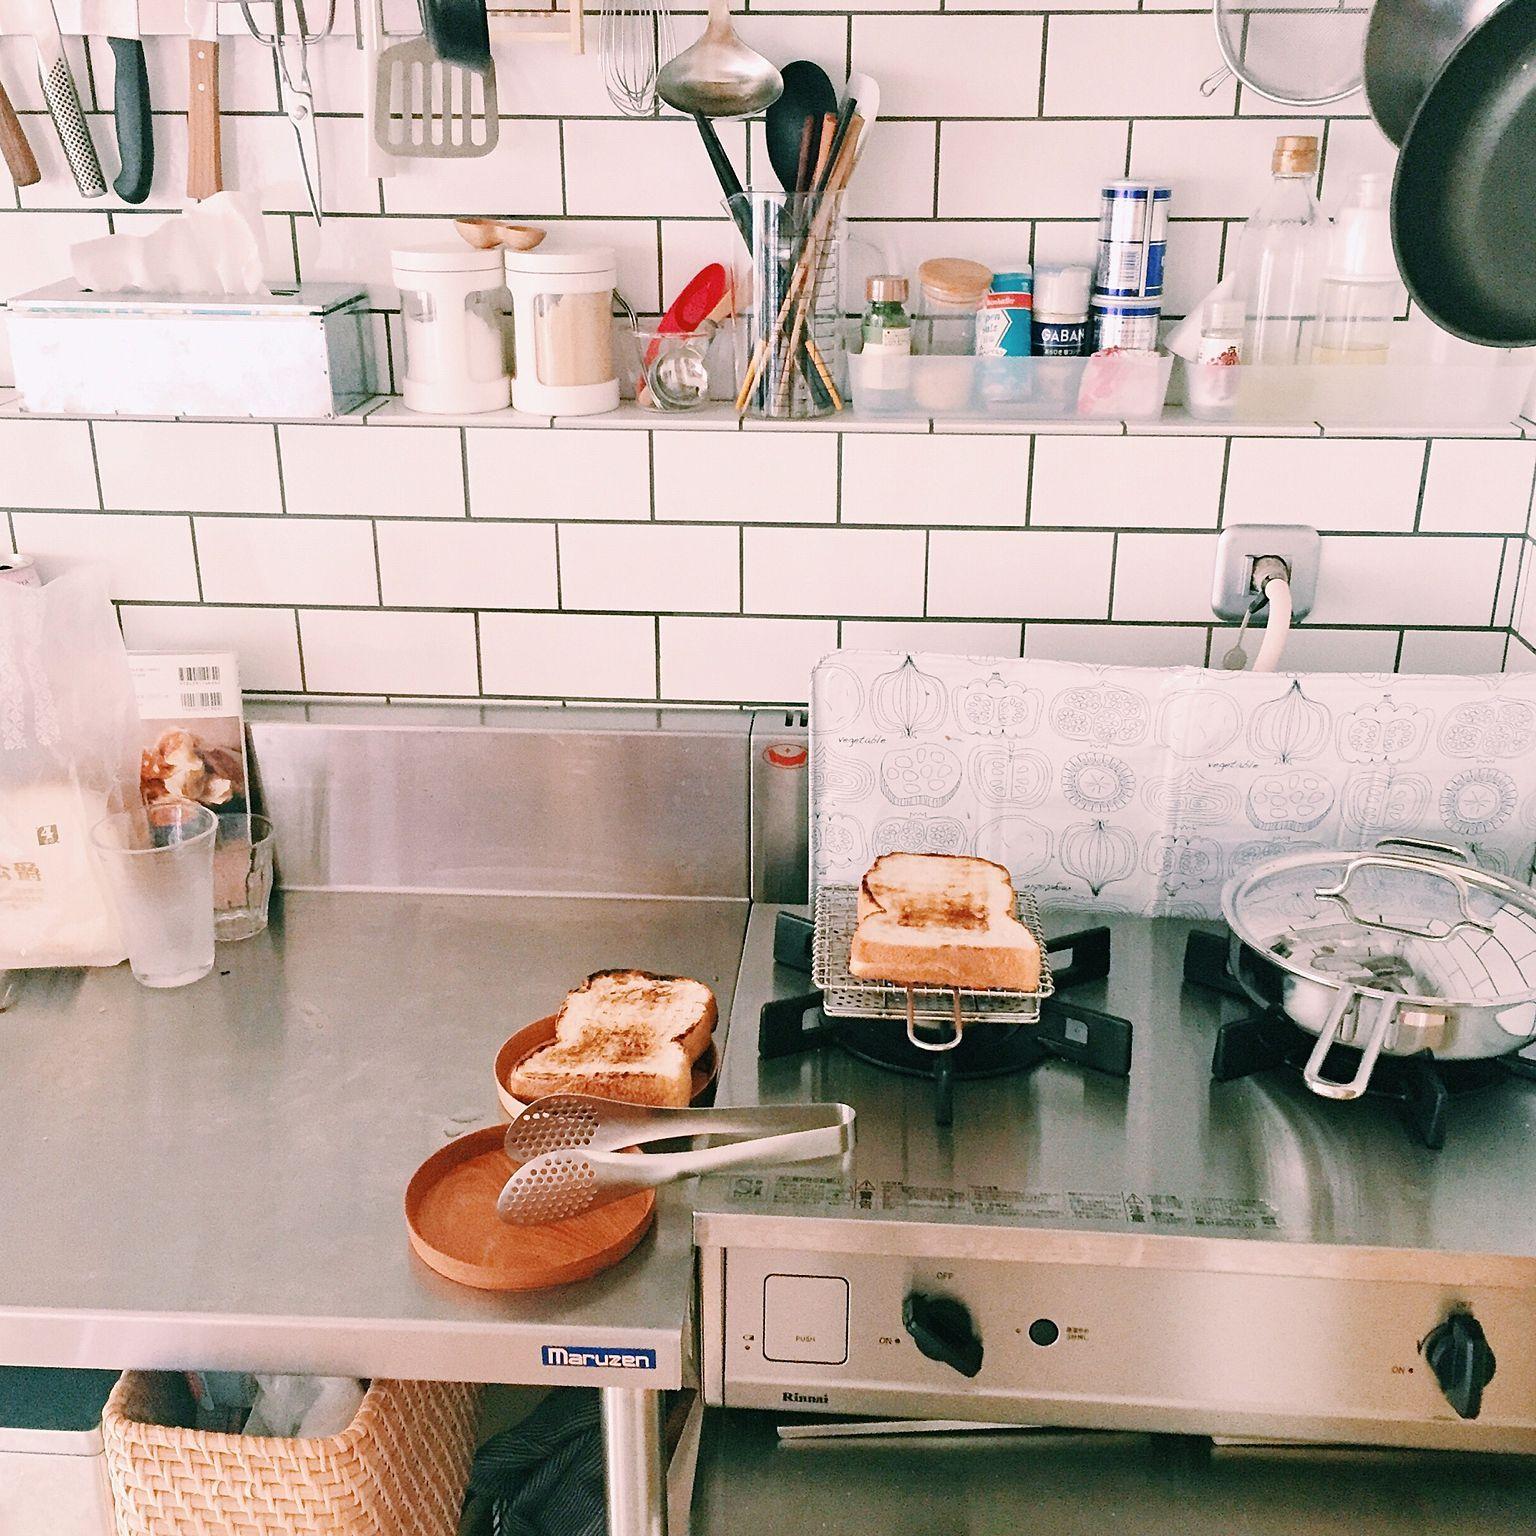 キッチン リンナイ リノベーション 業務用キッチン サブウェイタイル などのインテリア実例 2017 01 12 16 04 51 Roomclip ルームクリップ 業務用キッチン キッチンアイデア 和のインテリア